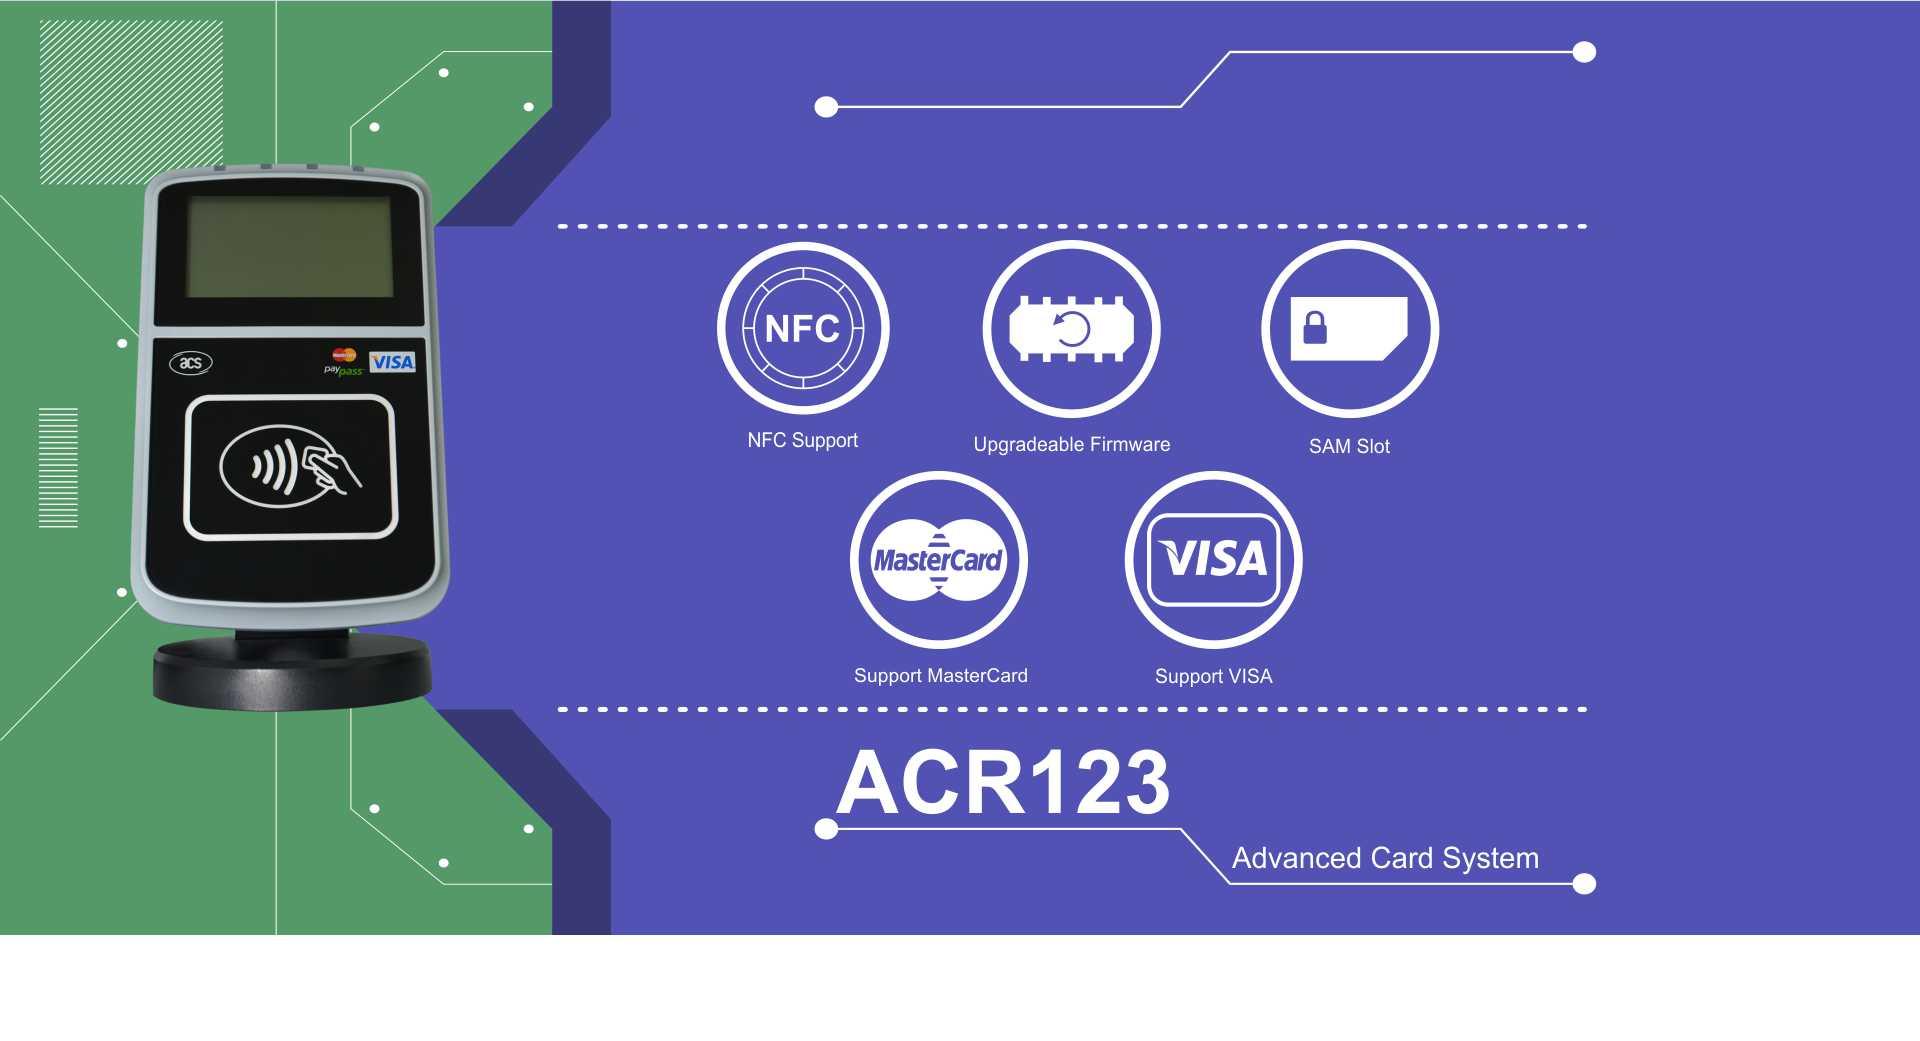 ACR123